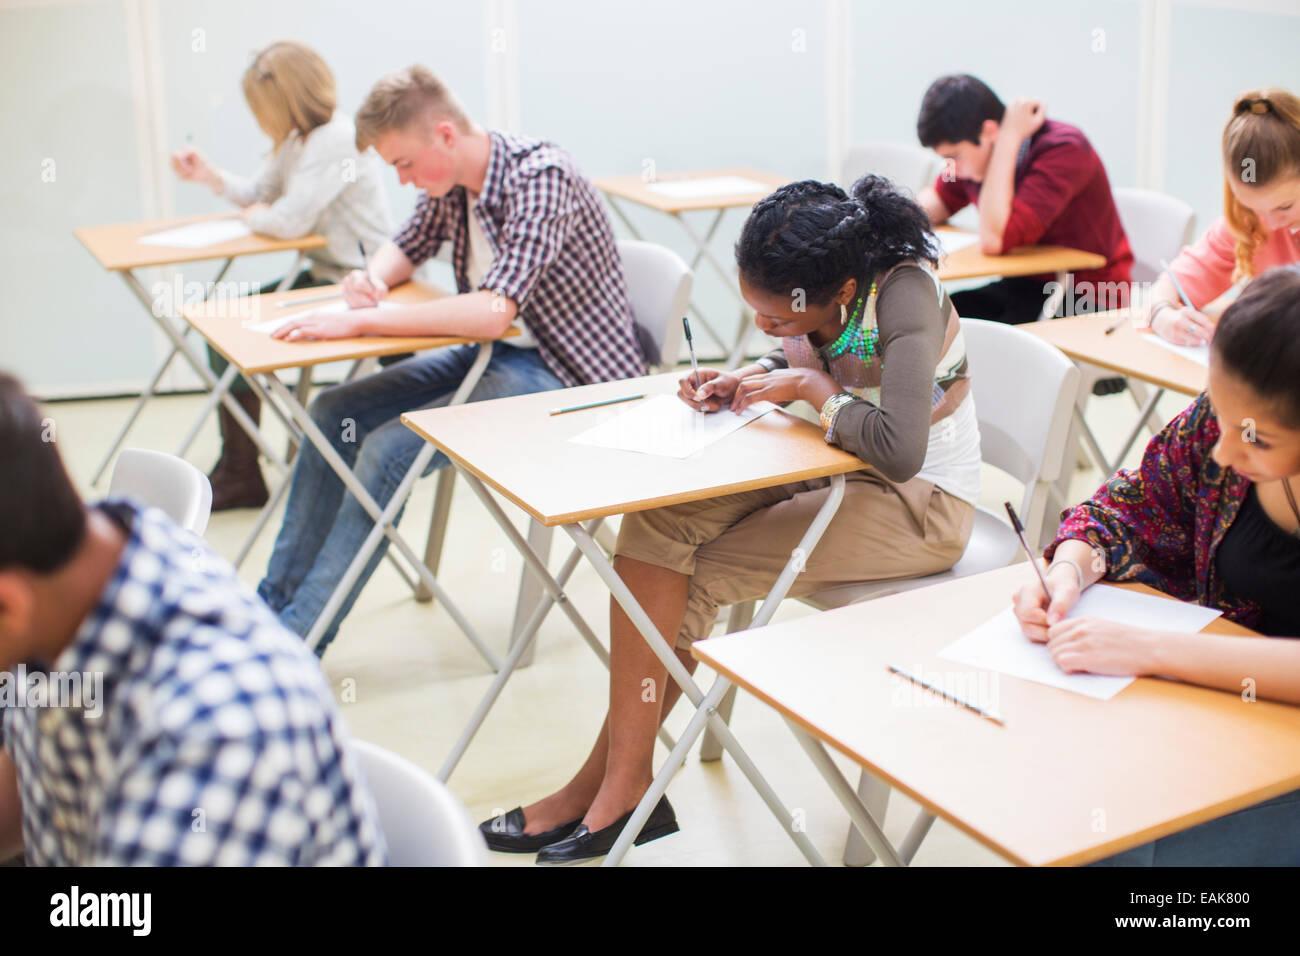 Studenten schreiben ihre GCSE Prüfung im Klassenzimmer Stockfoto ...